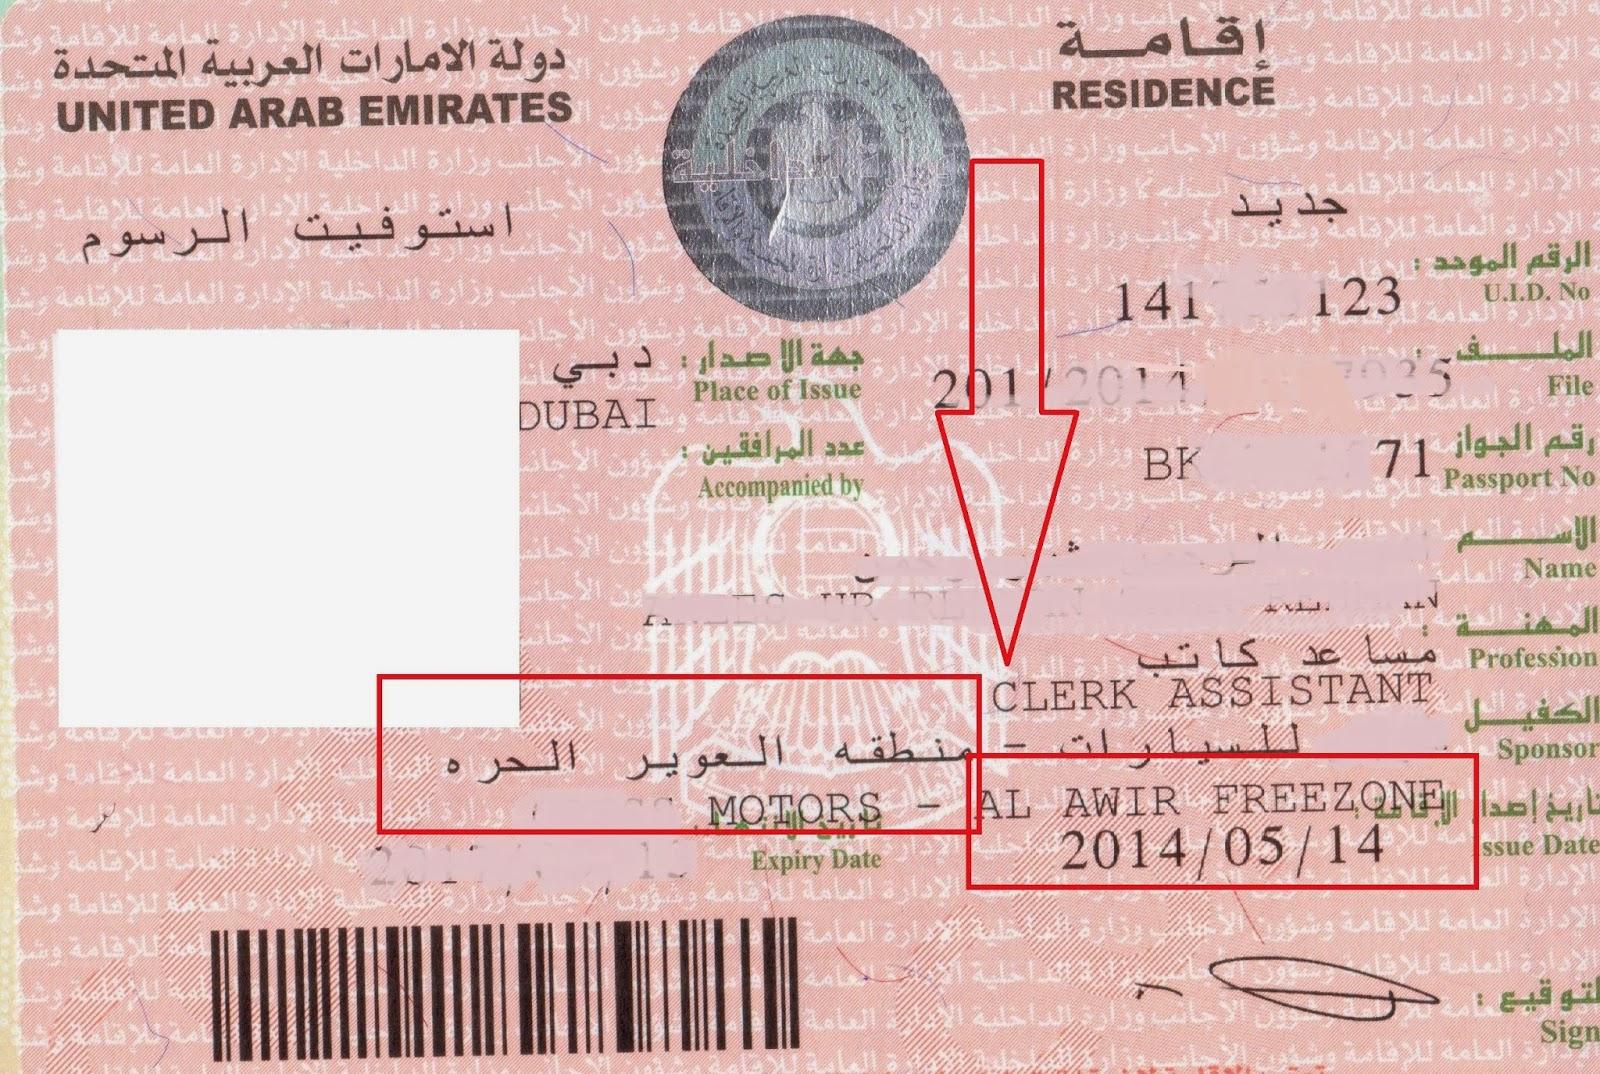 Để được tư vấn cụ thể về thủ tục xin visa Dubai tại HCM, hãy liên hệ hotline 028 39 20 24 26 – 0916 08 68 98